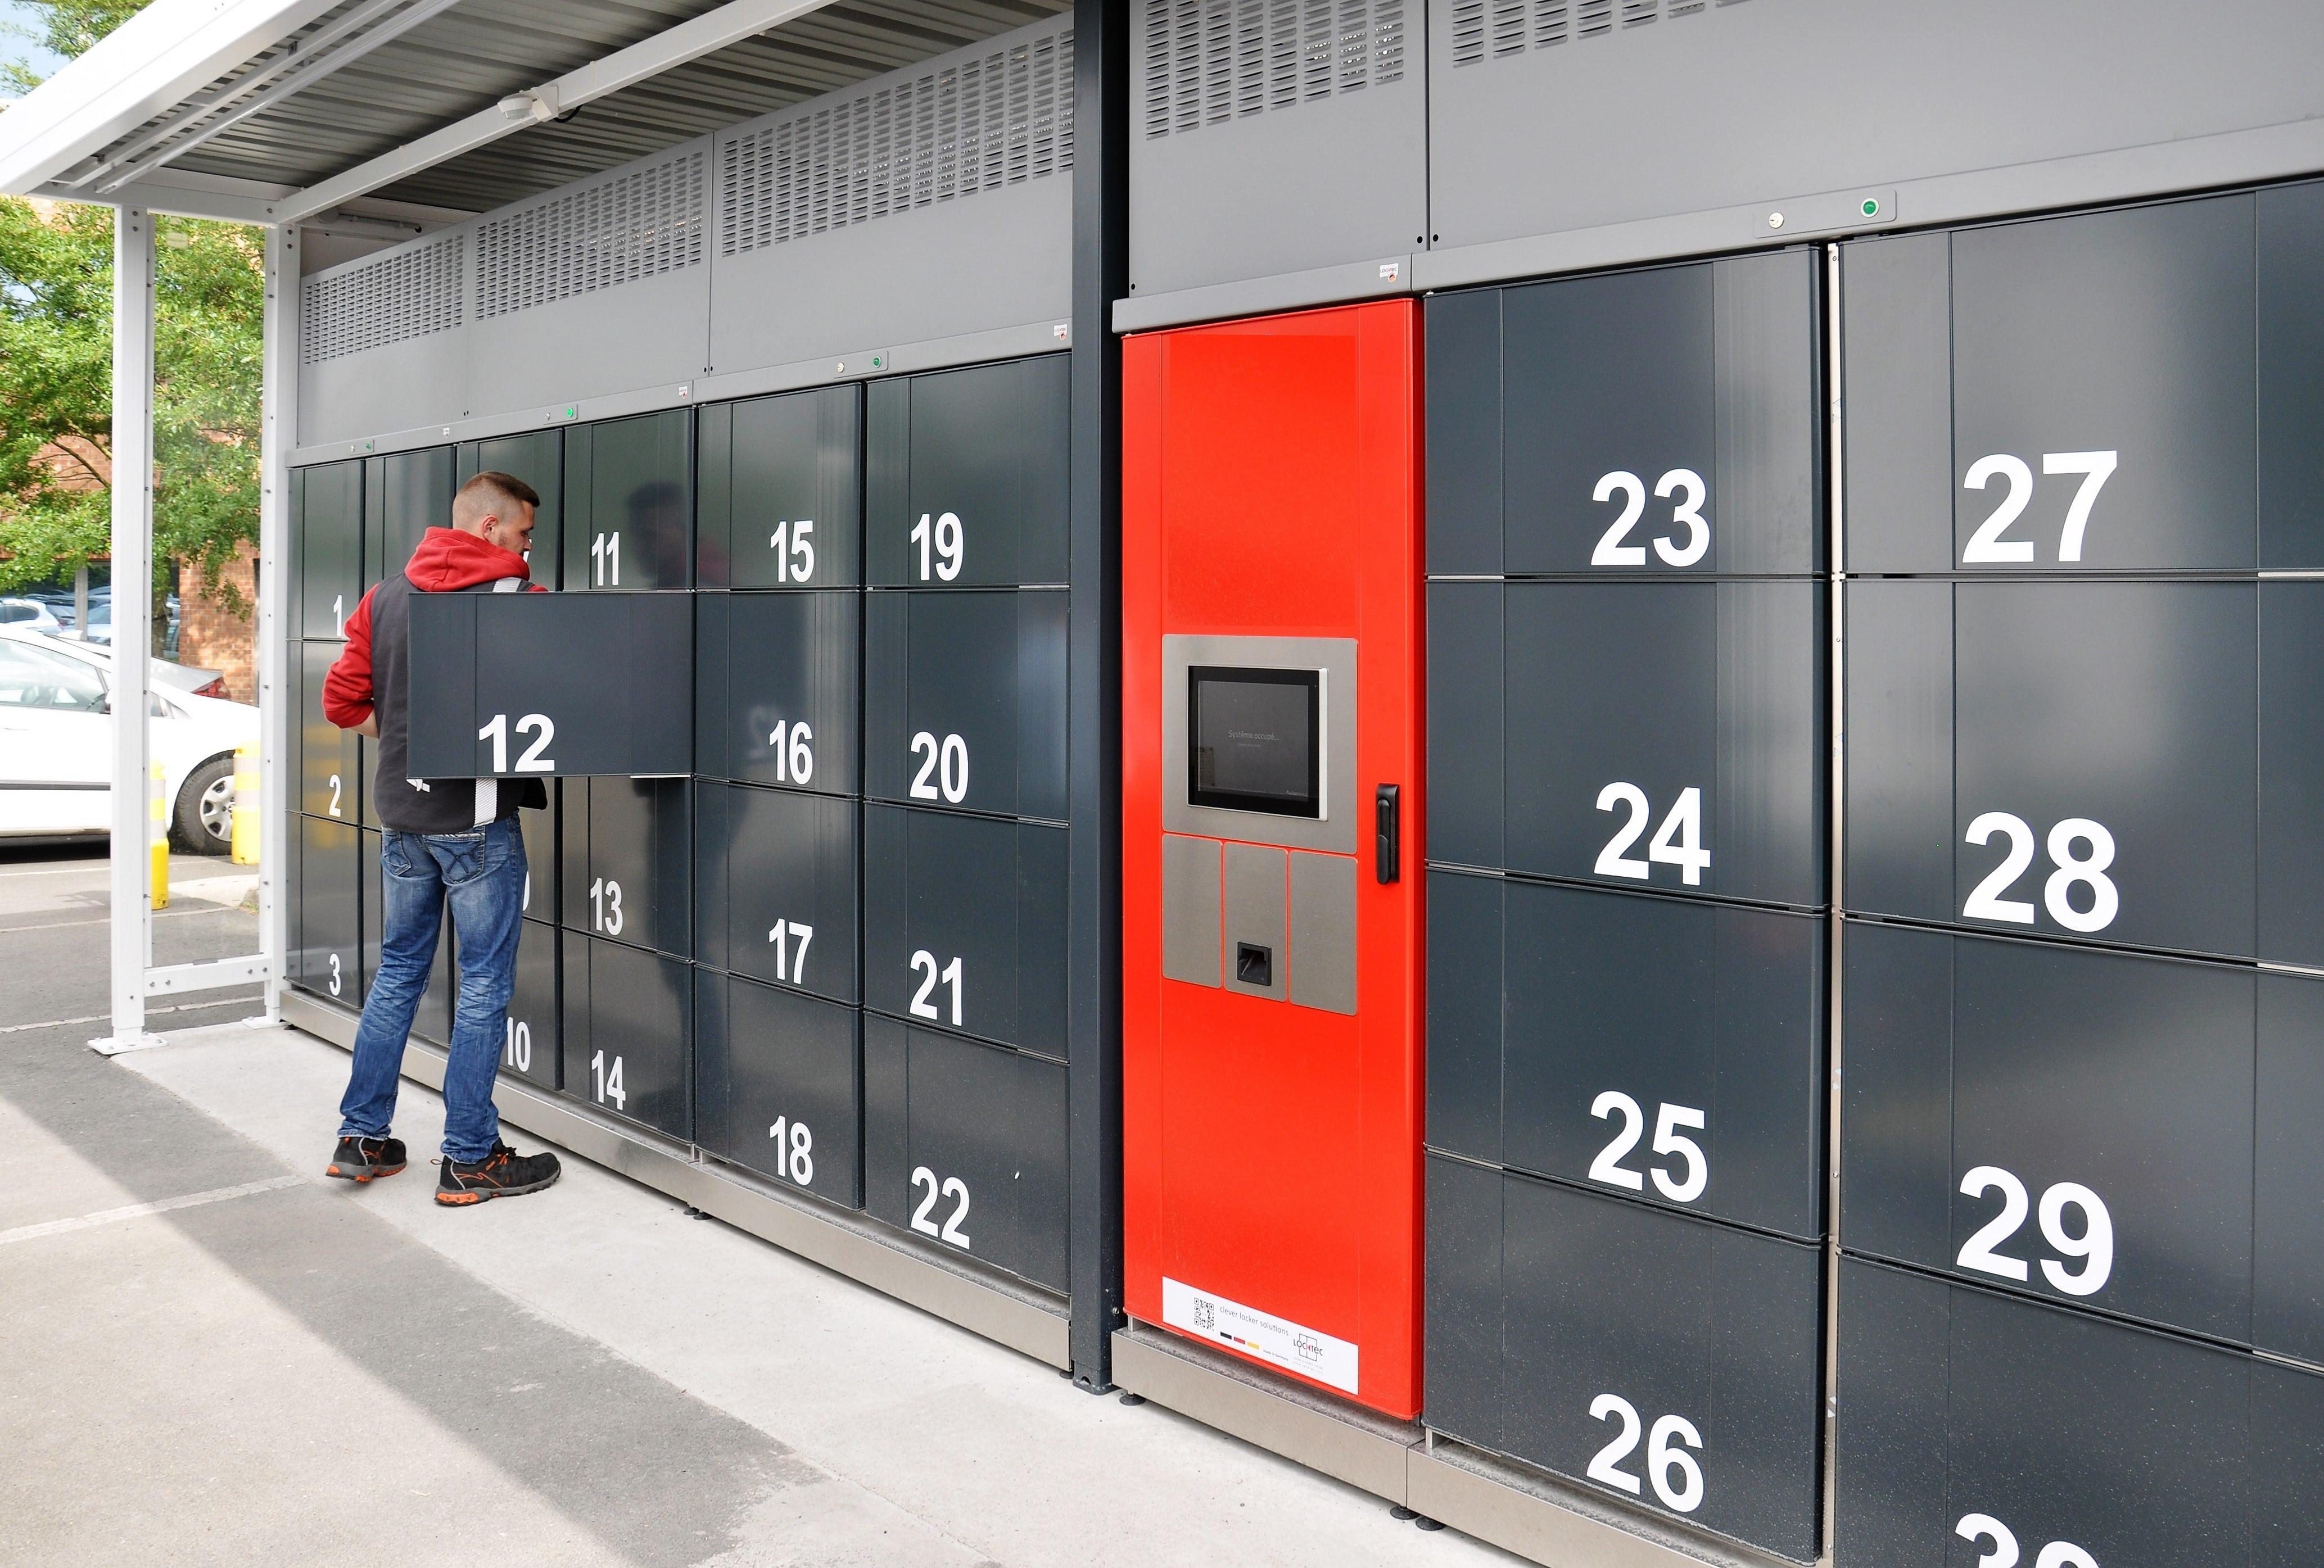 Gekühlte Abholstation cool lockers. Abholfächer für Lebensmittel: Überdachte cool lockers Anlage im Außenbereich mit Kühlfunktion, Gefrierfunktion oder mit beheizbaren Fächern.